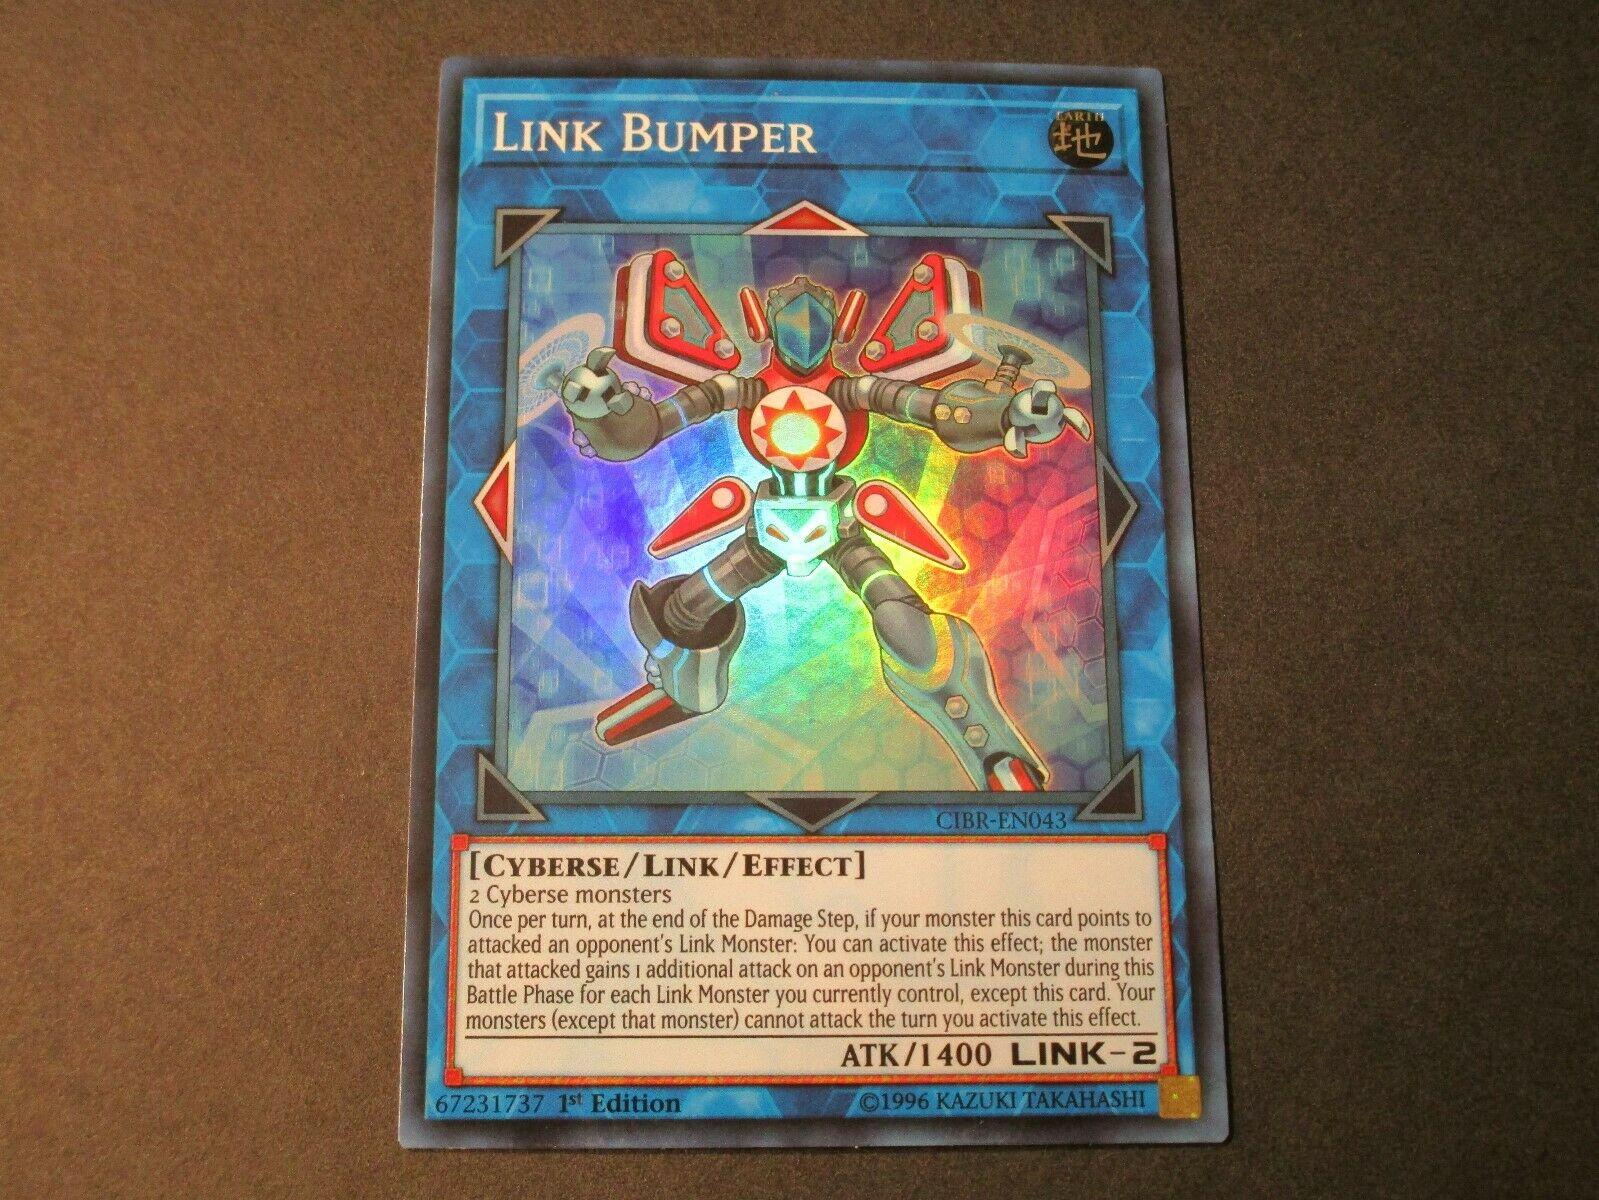 Link Bumper x3 Super Rare CIBR-EN043 MINT 1st Edition!